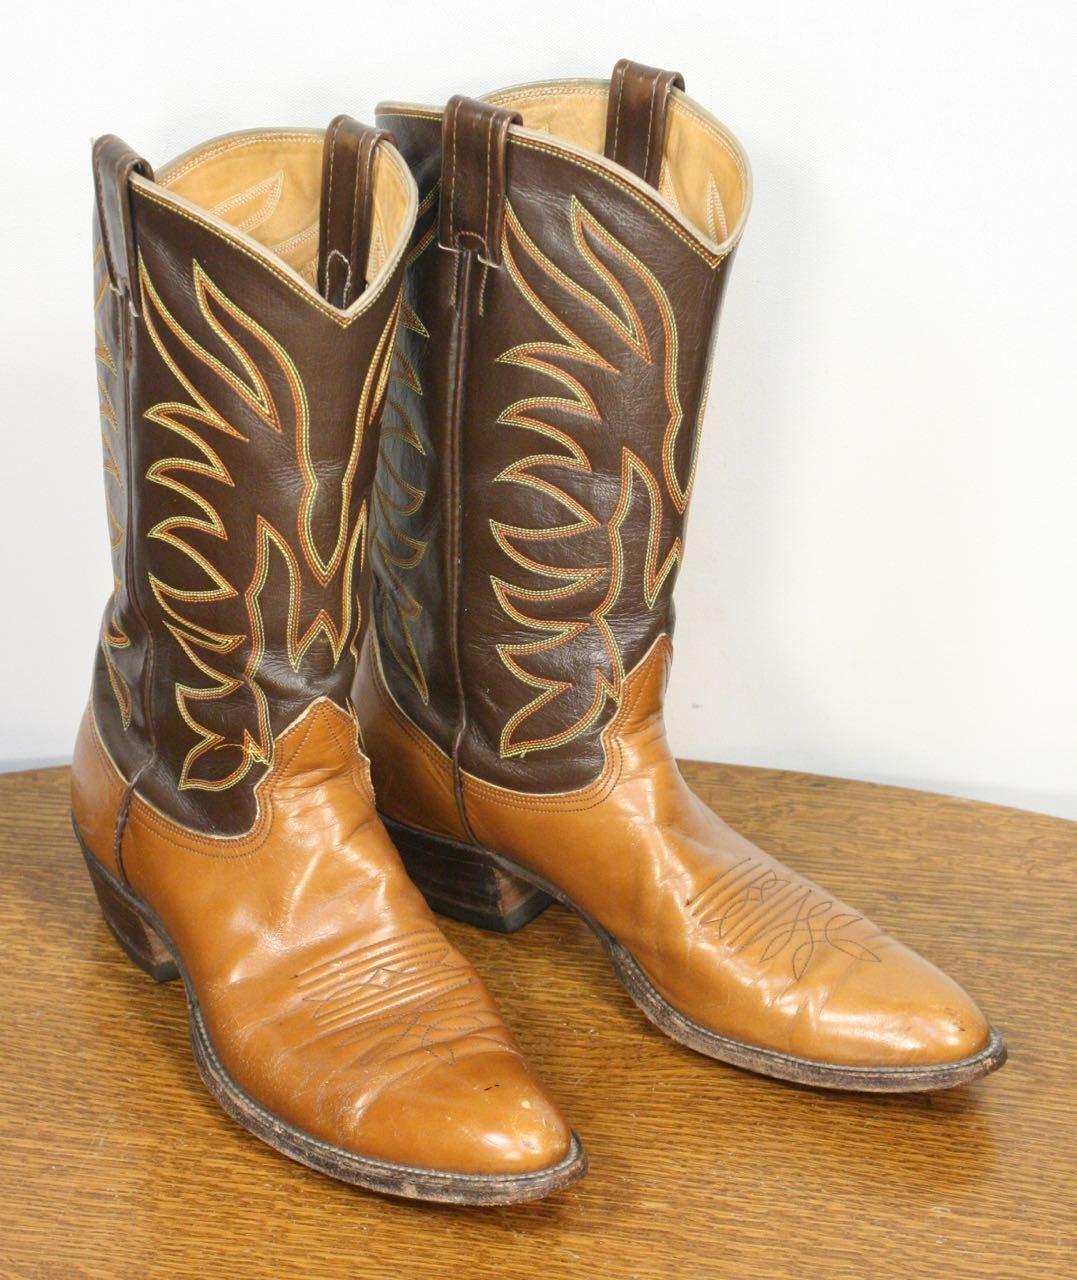 Vintage NOCONA occidental de cuero botas de vaquero. extra ancho estrecho